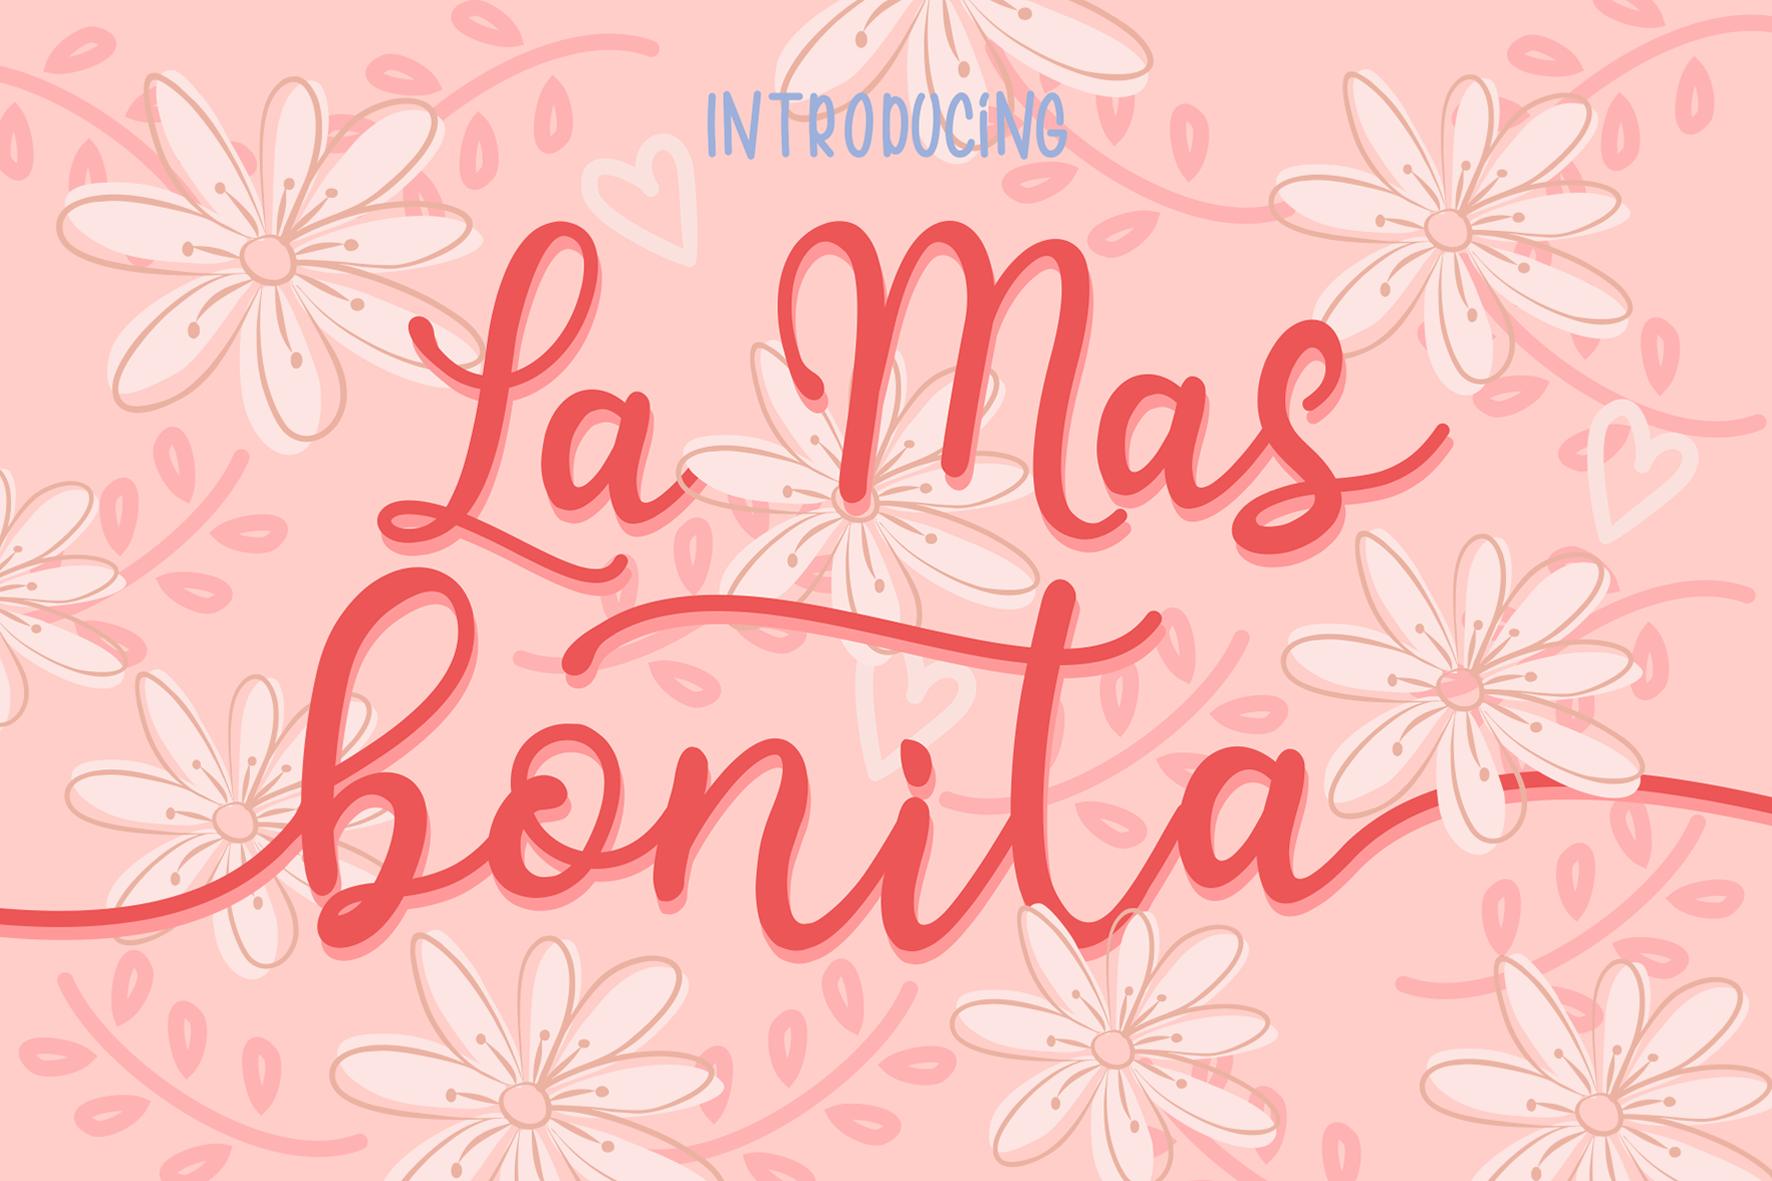 La Mas Bonita example image 1